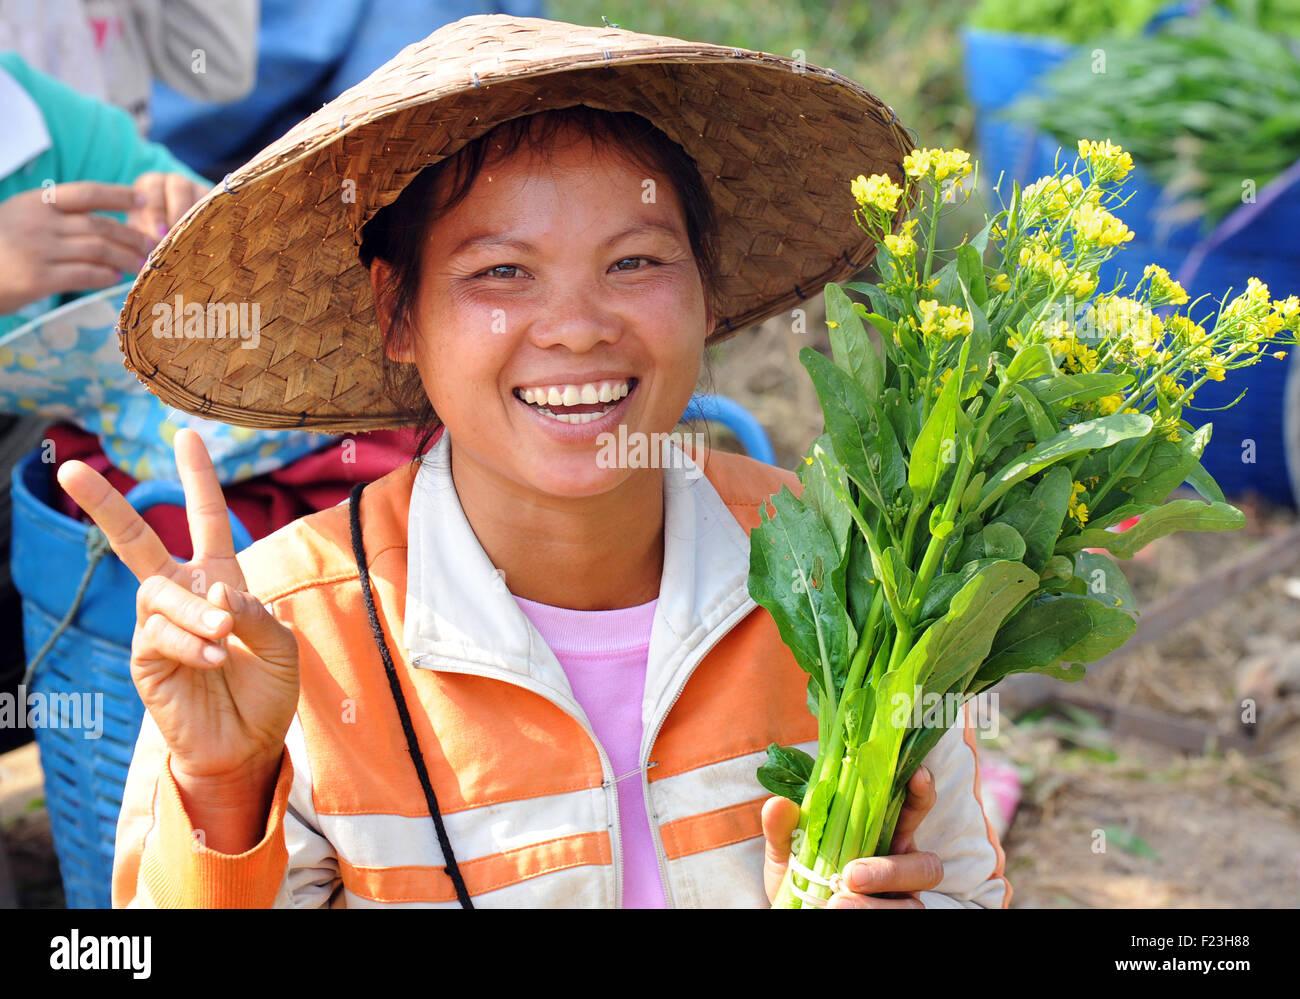 Lao woman at market gives peace gesture, Luang Prabang, Laos Laotian. - Stock Image